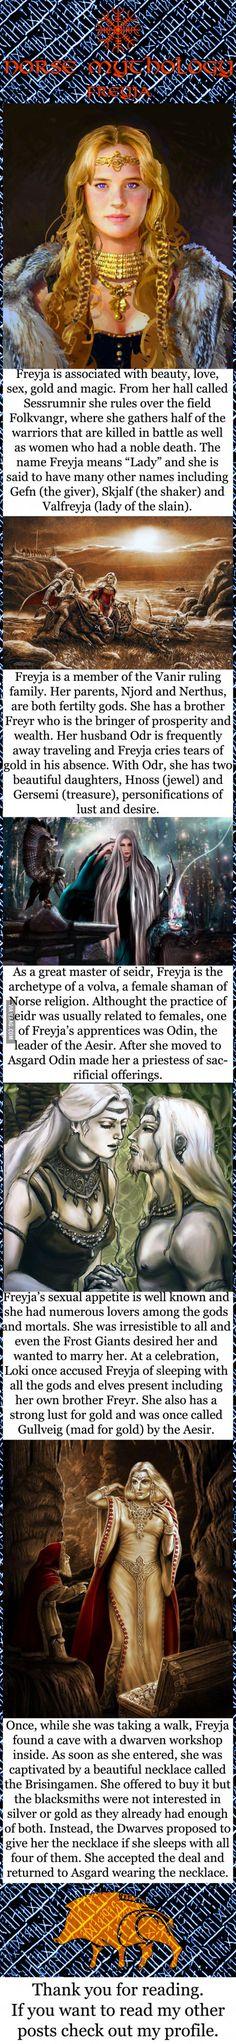 Norse mythology - Freyja